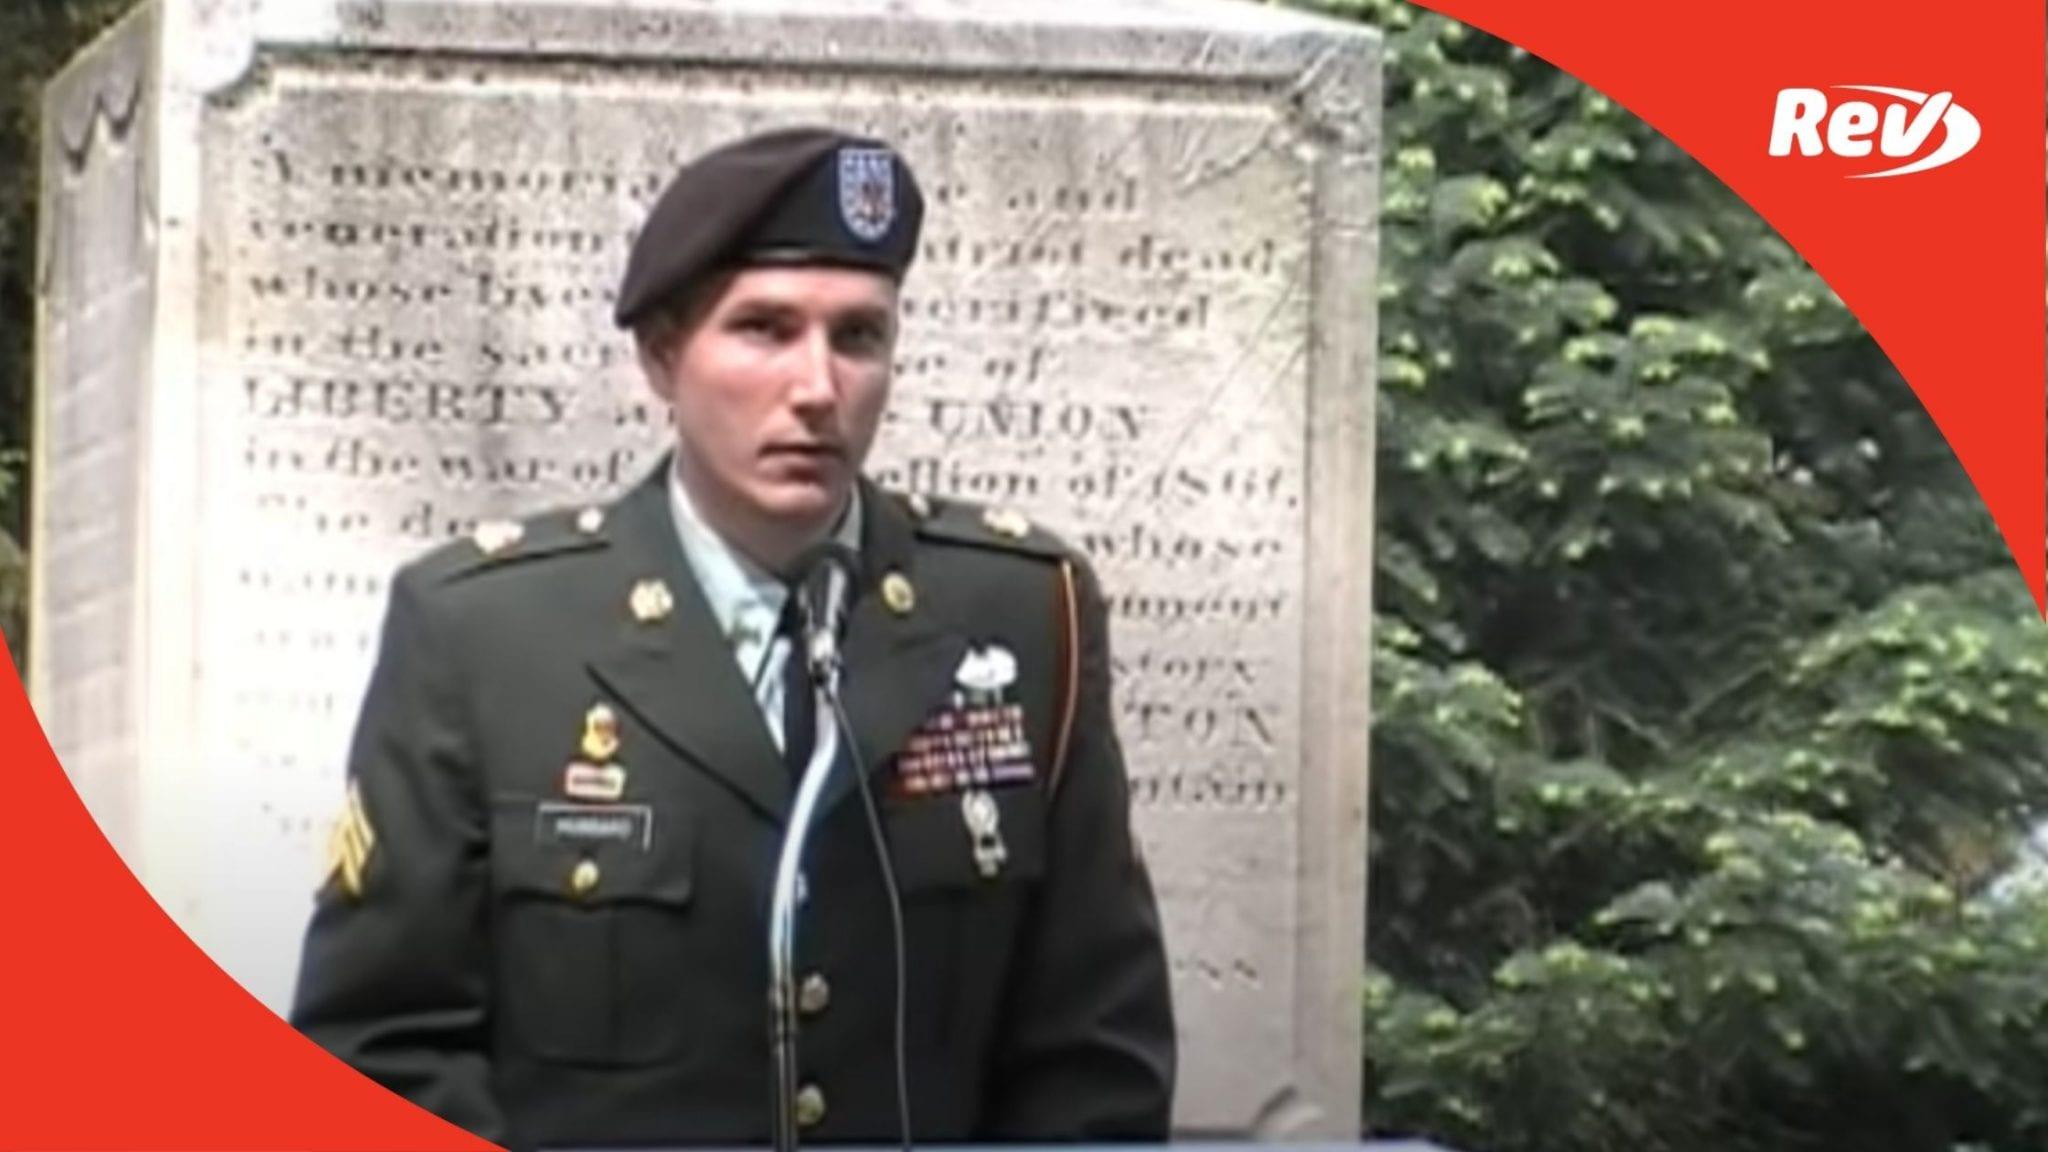 Sgt. Raymond Hubbard Memorial Day Speech 2008